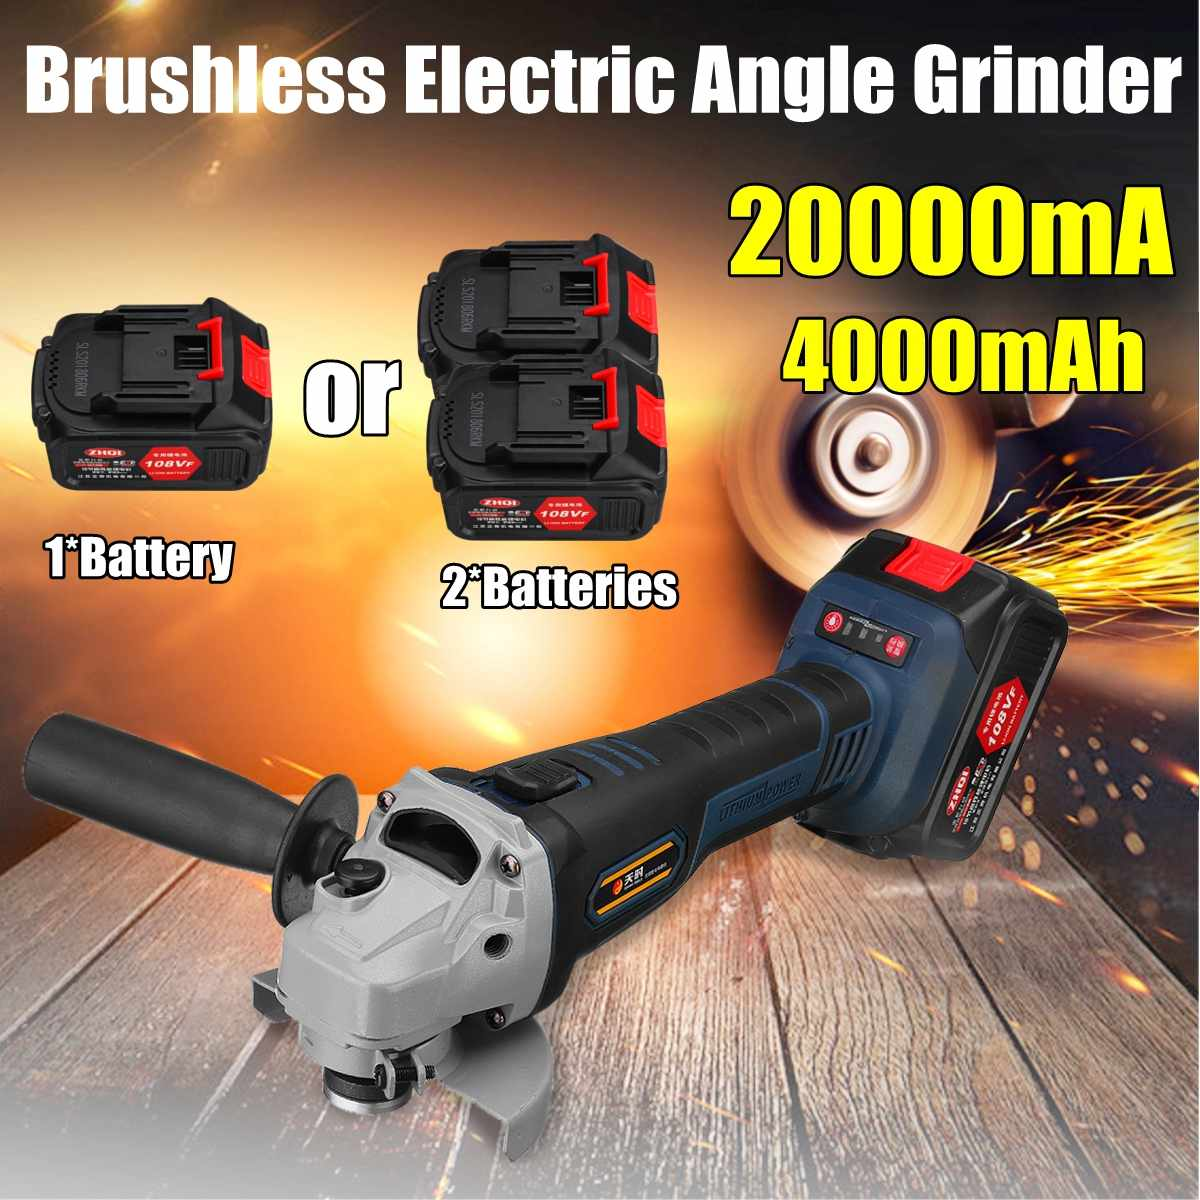 108VF 4000 mah 20000mA Sans Fil Électrique Angle Grinder Polisseuse 110 v ~ 220 v Machine Avec 2 Batterie WrenchTool